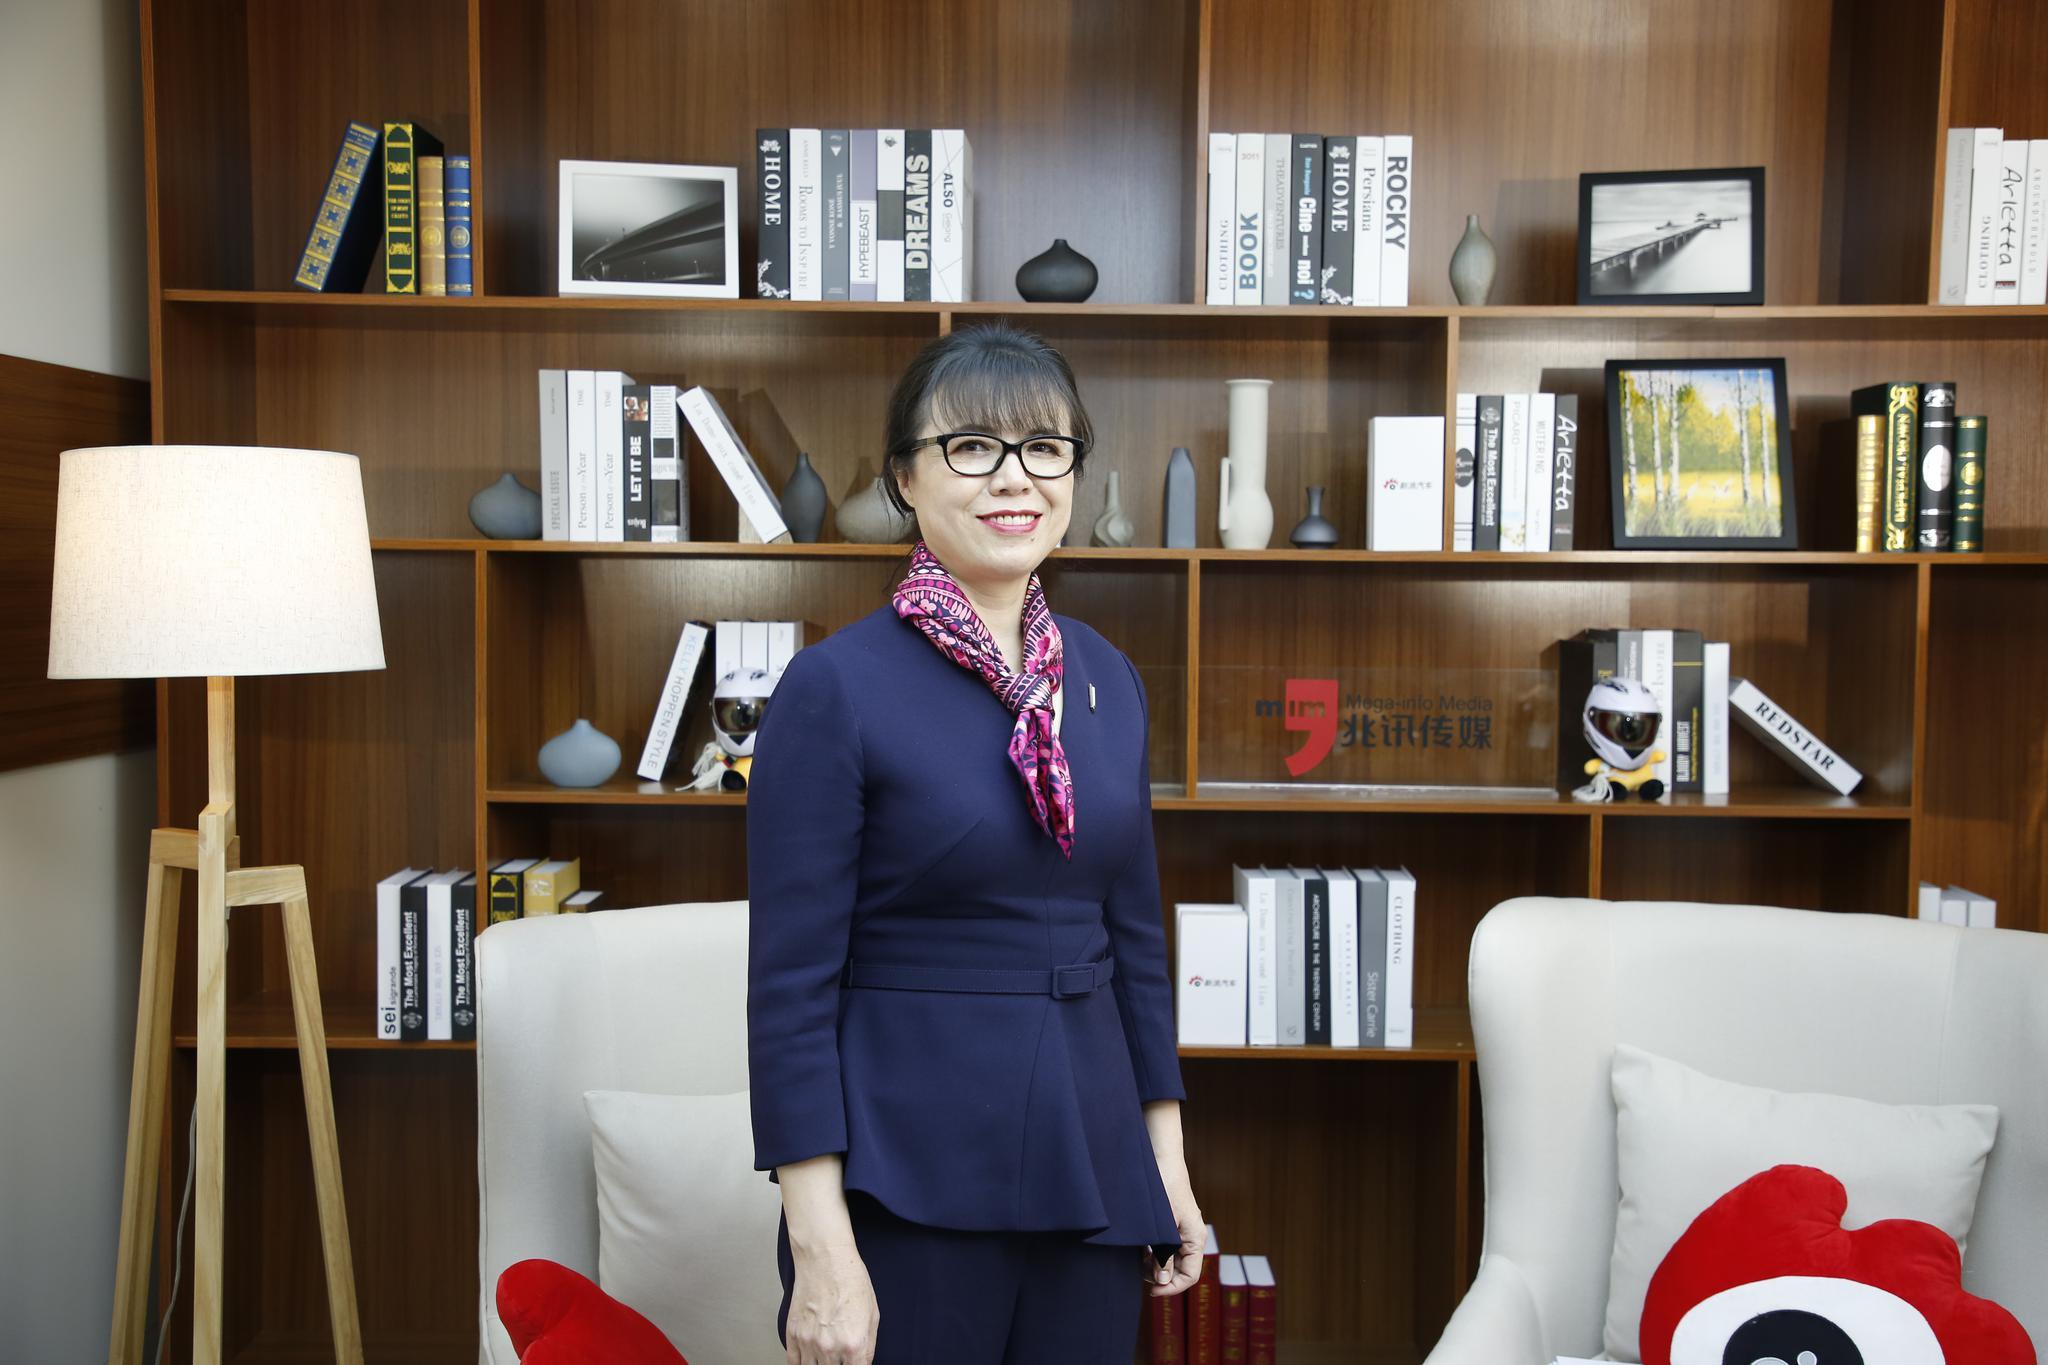 柳燕:WEY品牌对新一轮的市场竞争信心十足